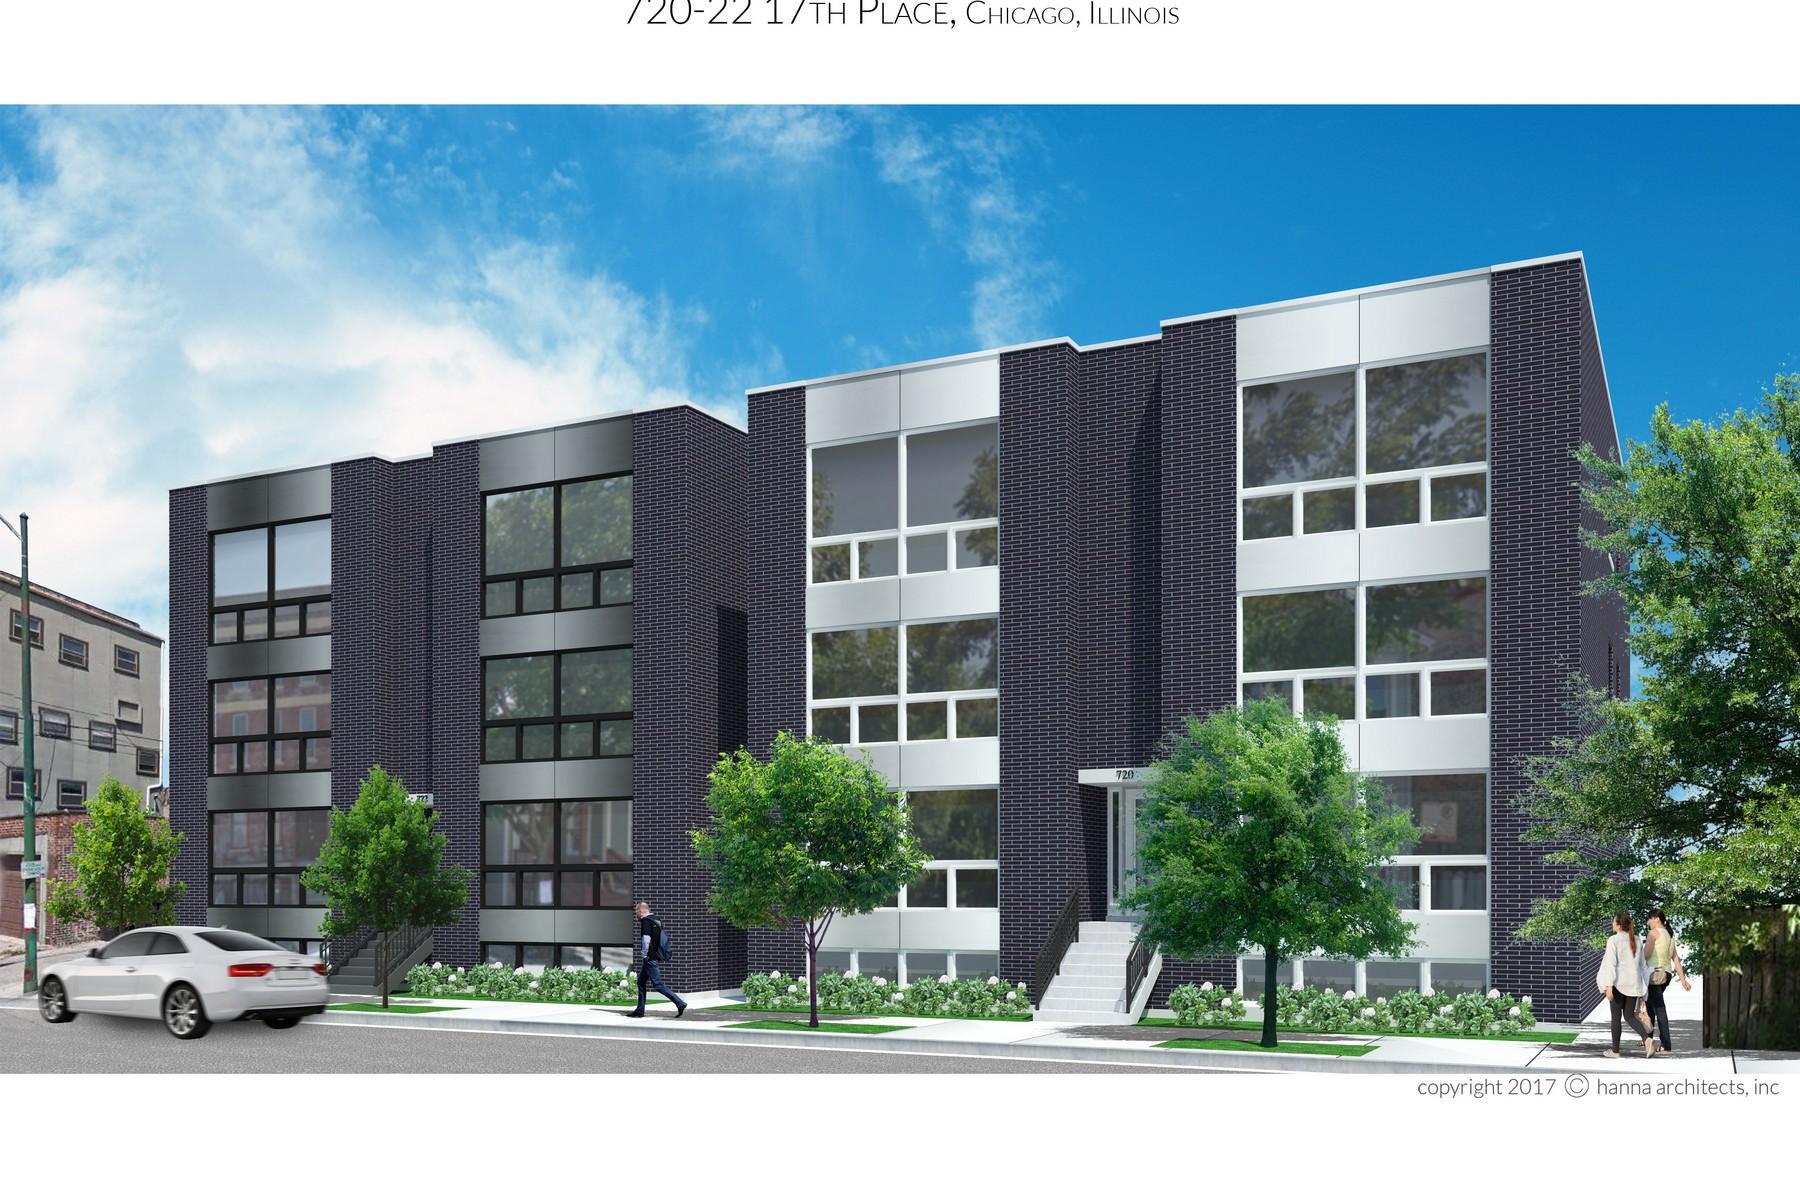 Кондоминиум для того Продажа на New Construction Six-Unit Building 722 W 17th Place West Unit 3E, Chicago, Иллинойс, 60616 Соединенные Штаты